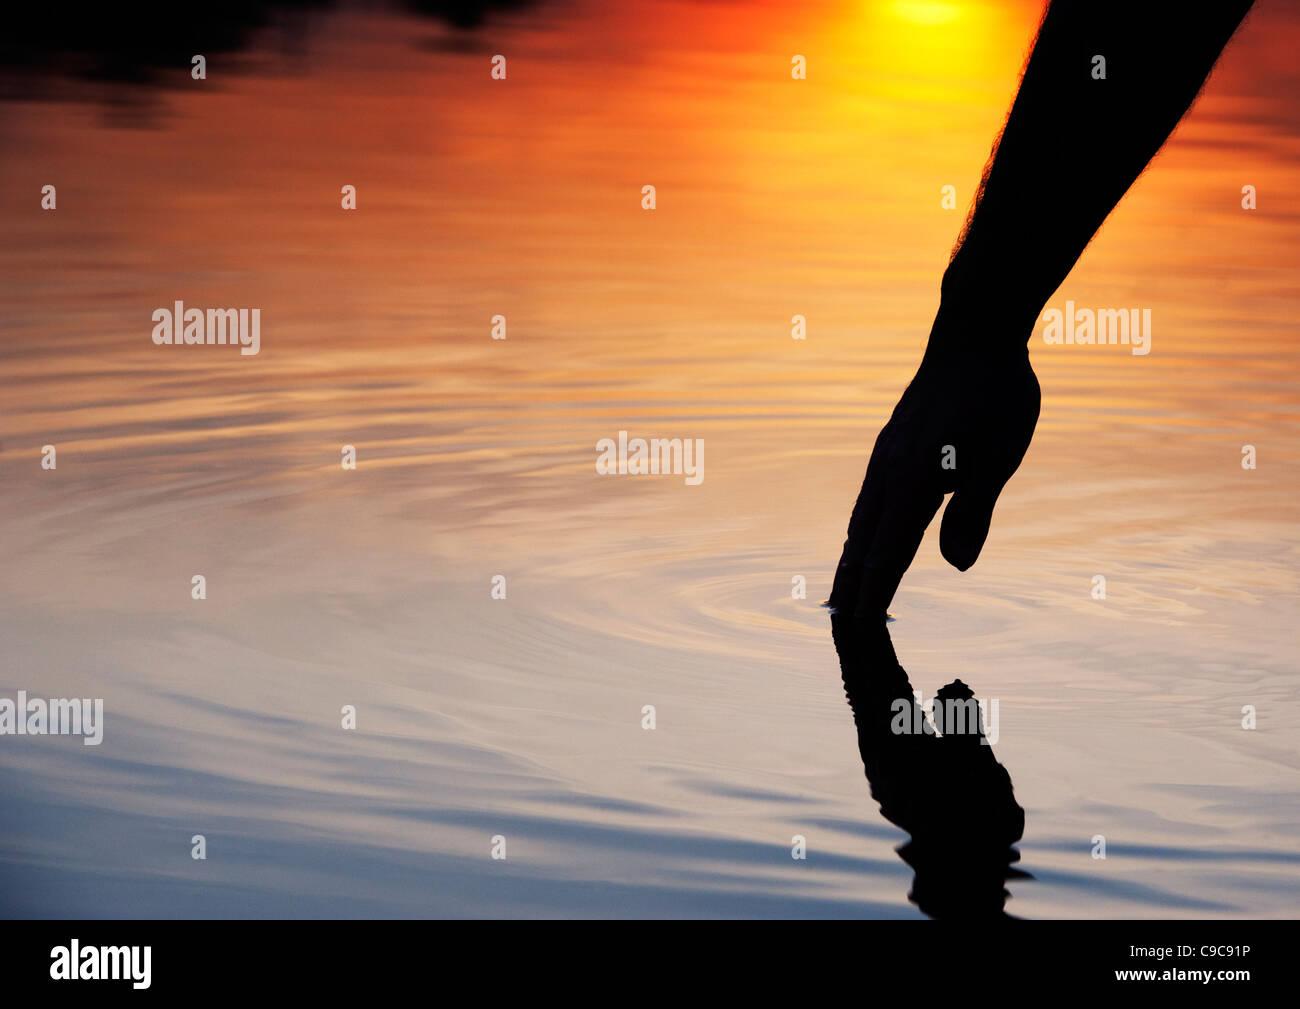 Hand berühren Wasser Welligkeit verursacht bei Sonnenaufgang Silhouette. Indien Stockbild